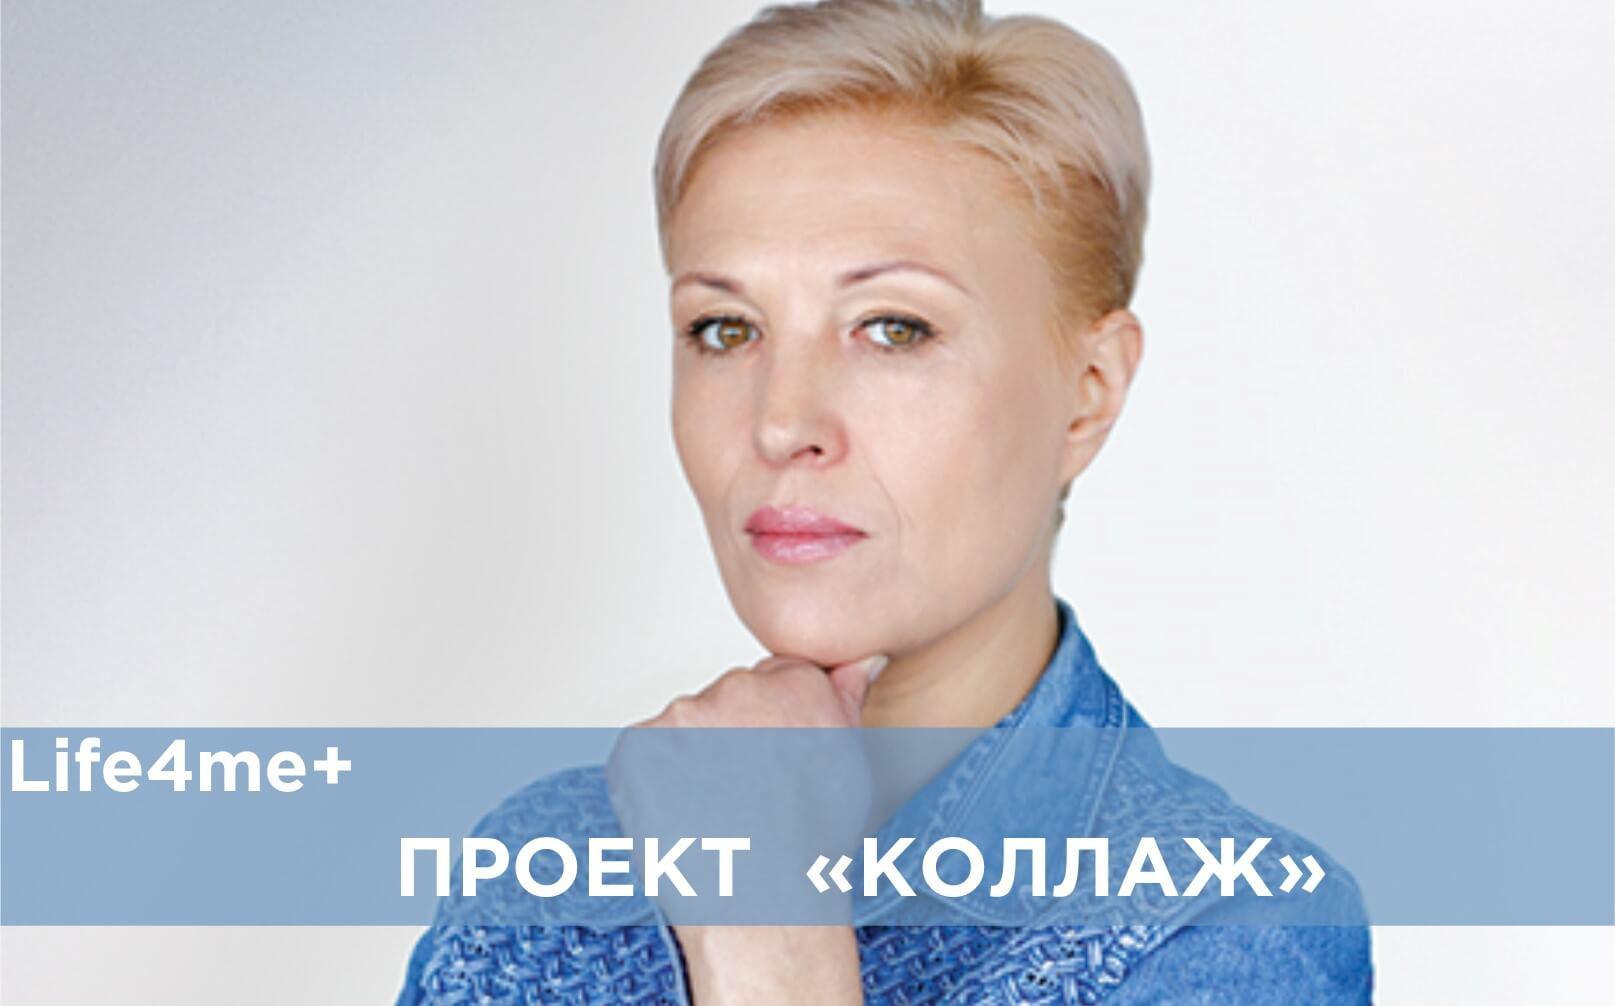 """Коллаж: """"Пусть на работу не выходят, у одного из них СПИД"""", - Светлана Лебедева - изображение 1"""